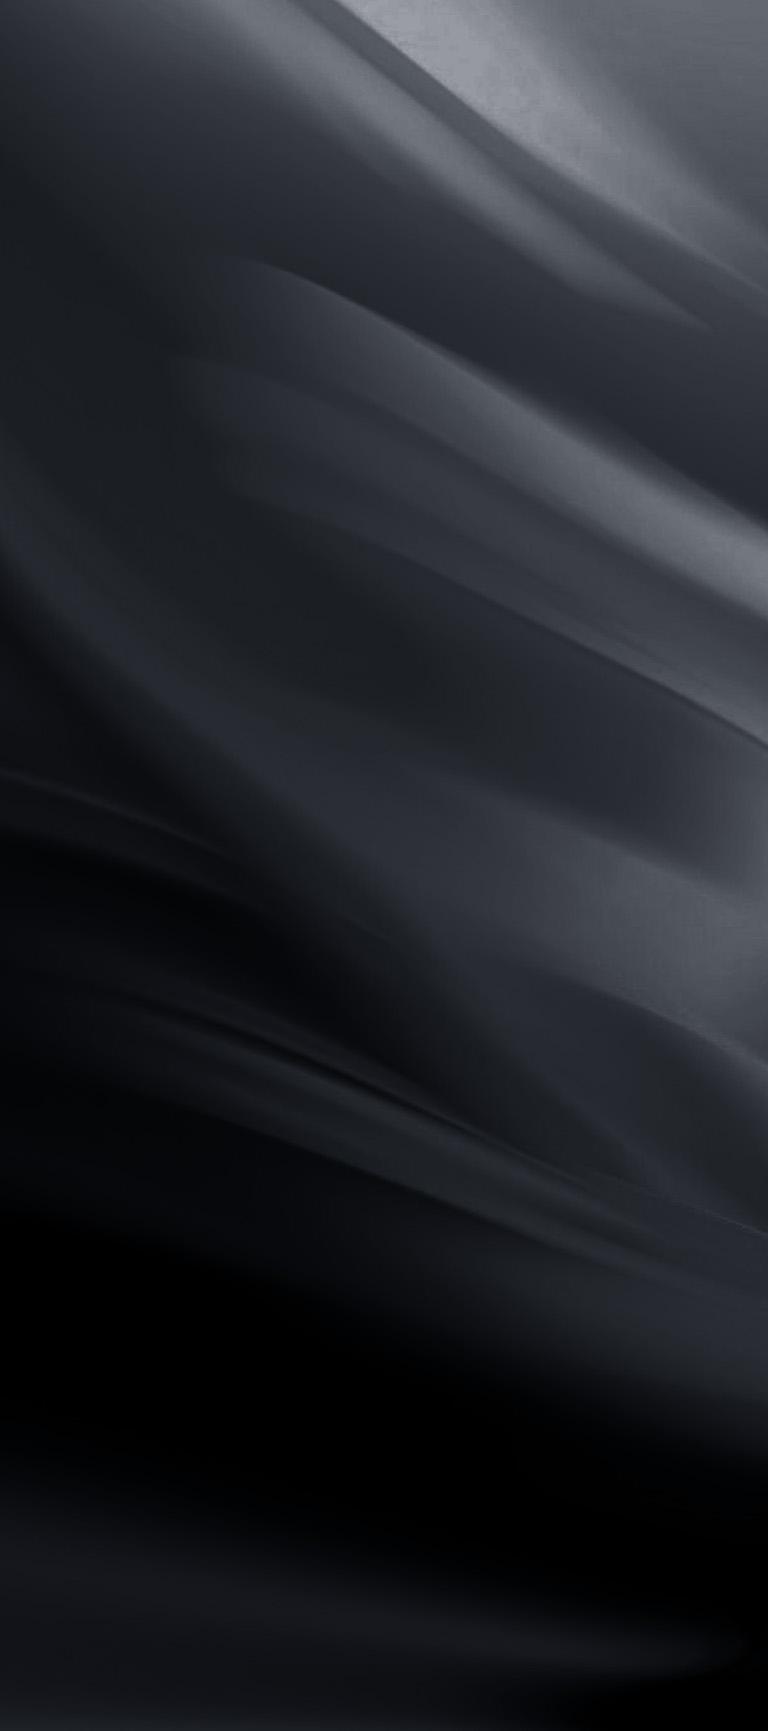 ブラックカービングファブリックiphone 6 Android抽象壁紙 Iphoneチーズ